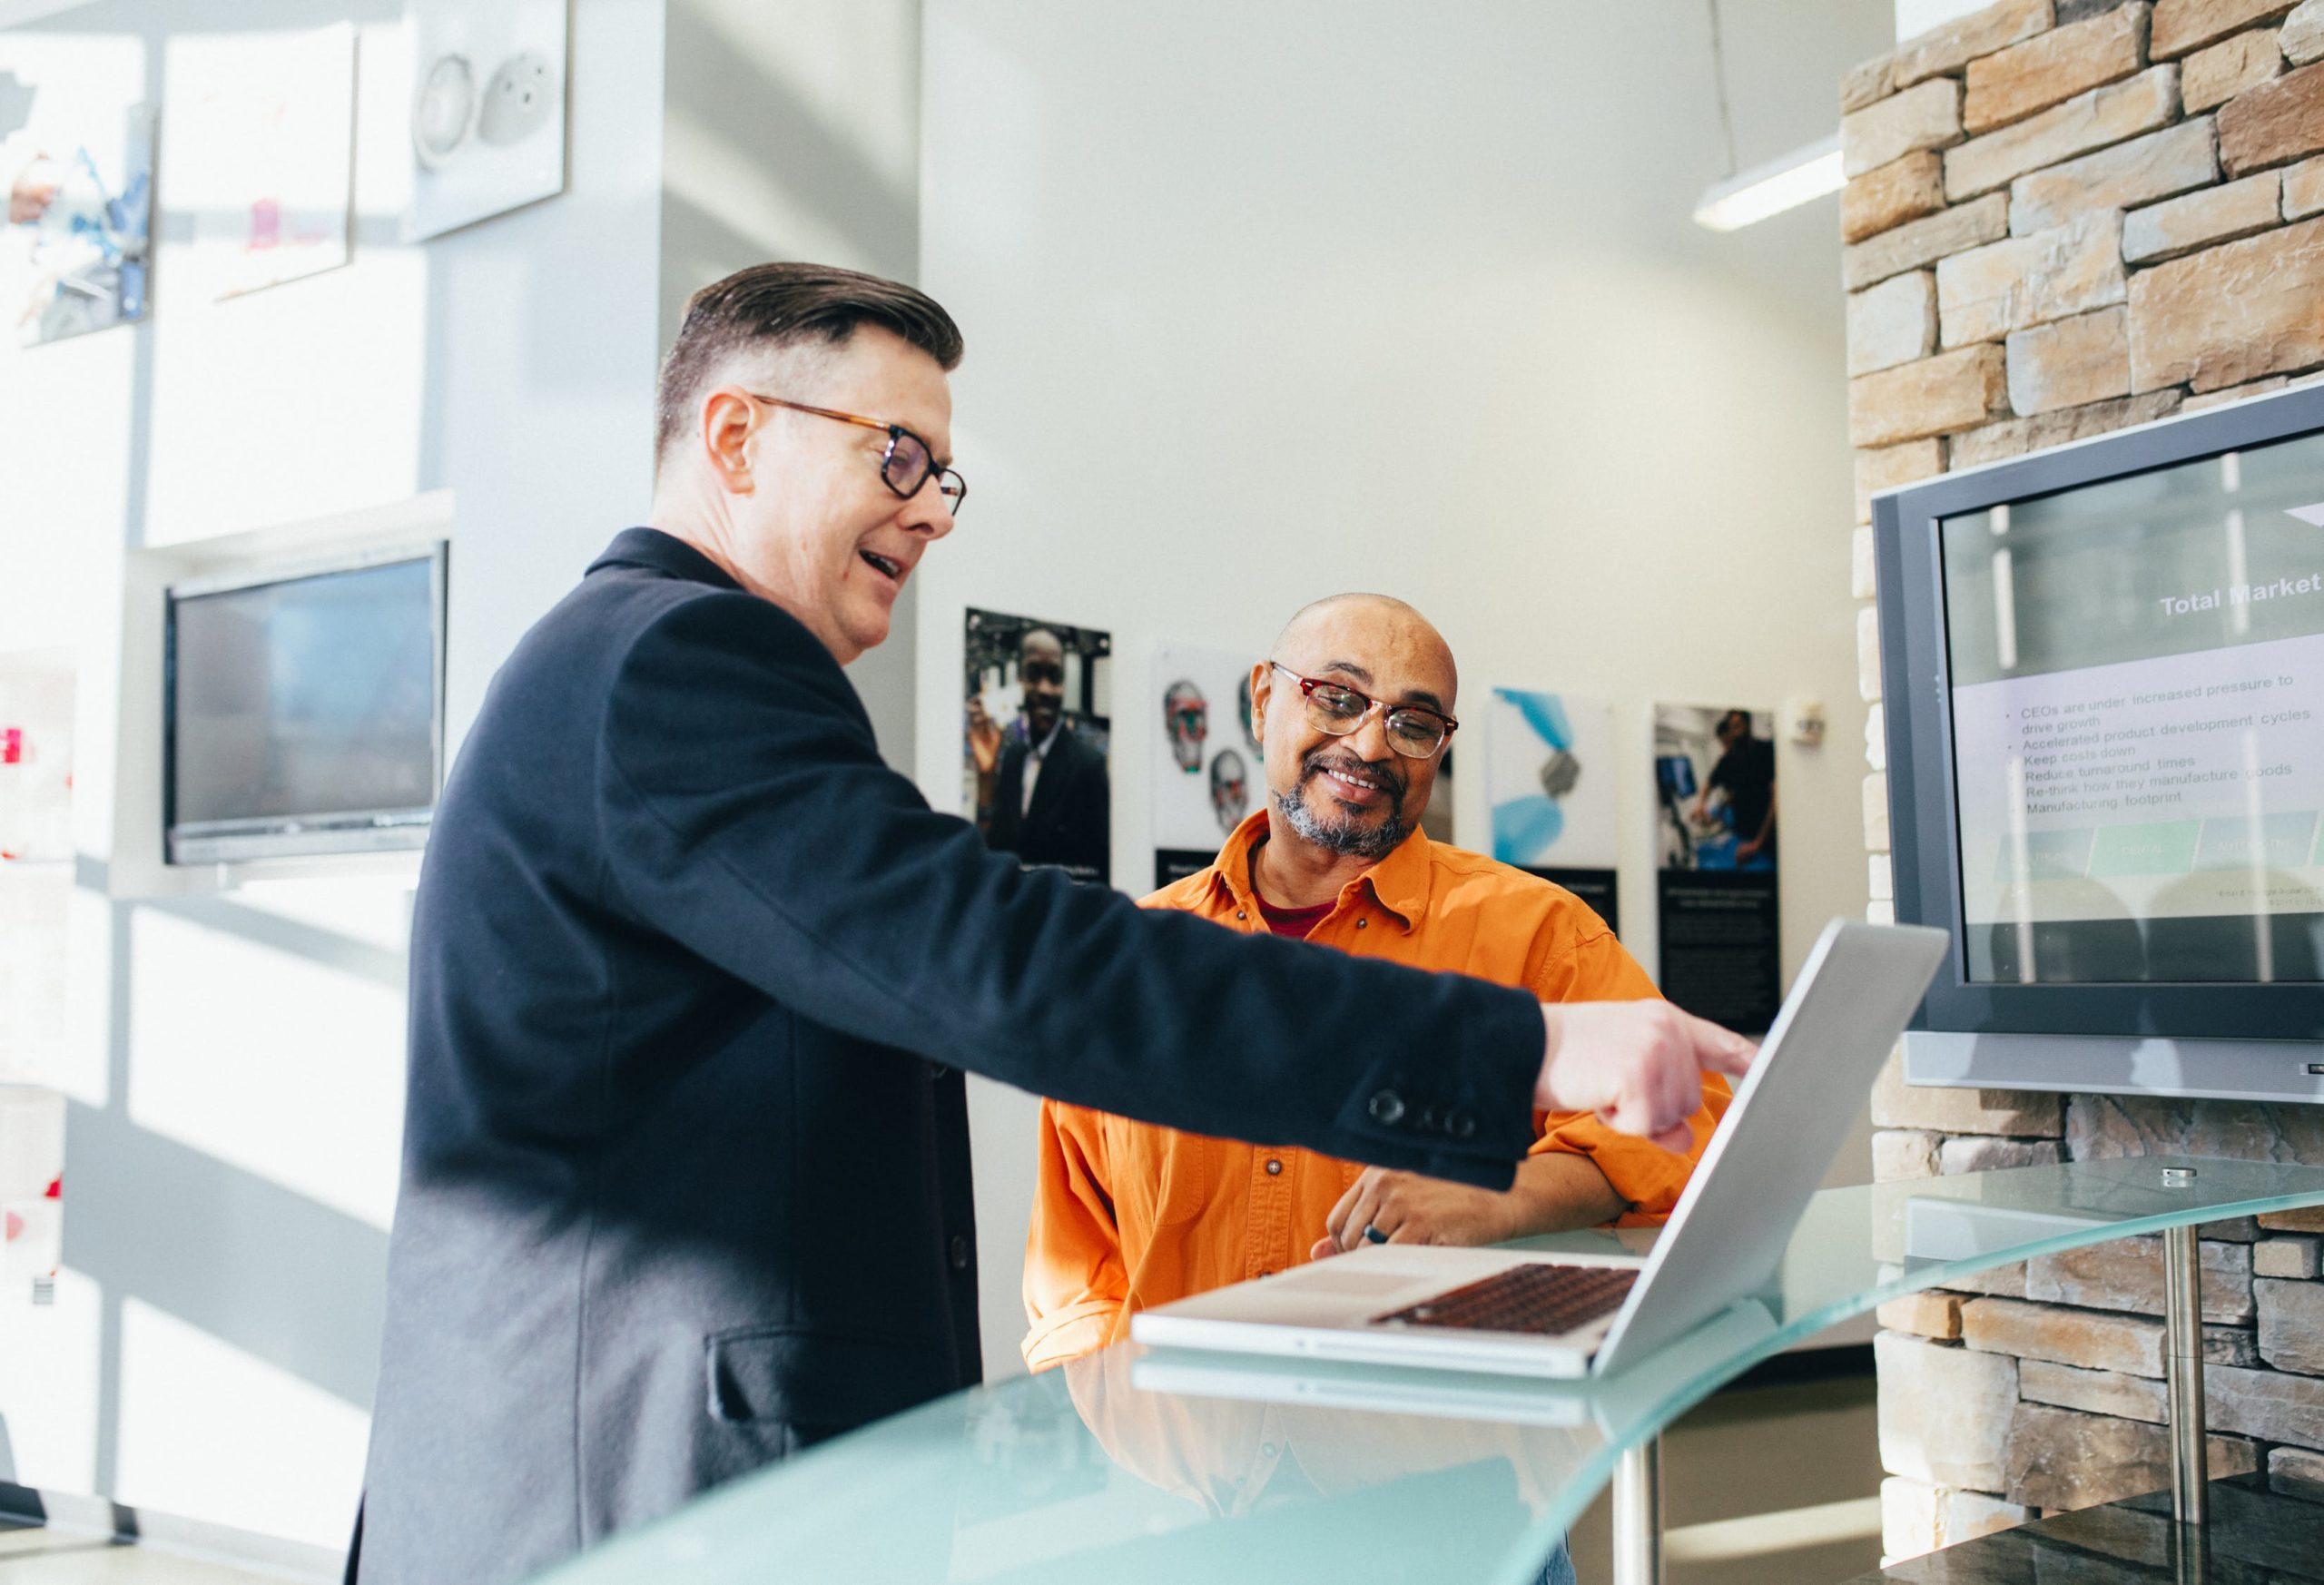 Drie Manieren om Talentvolle Mensen te Vinden voor je Bedrijf